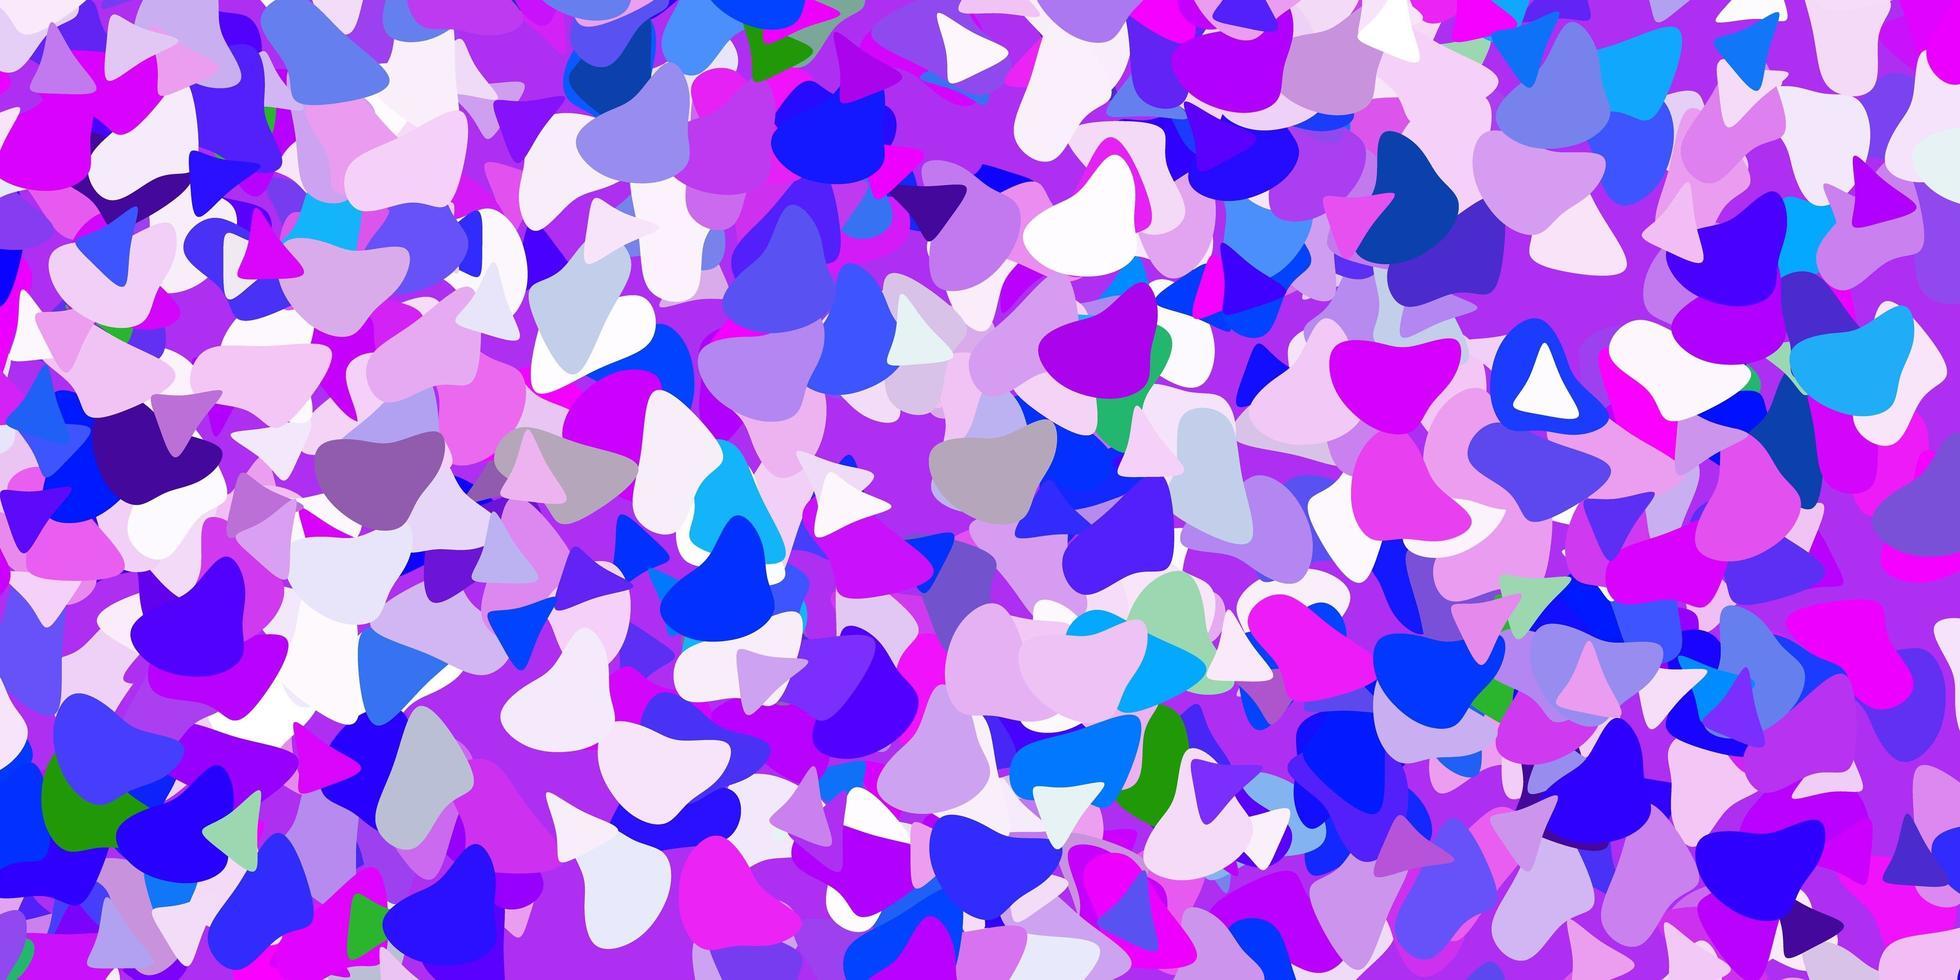 ljusrosa, blå vektorbakgrund med slumpmässiga former. vektor